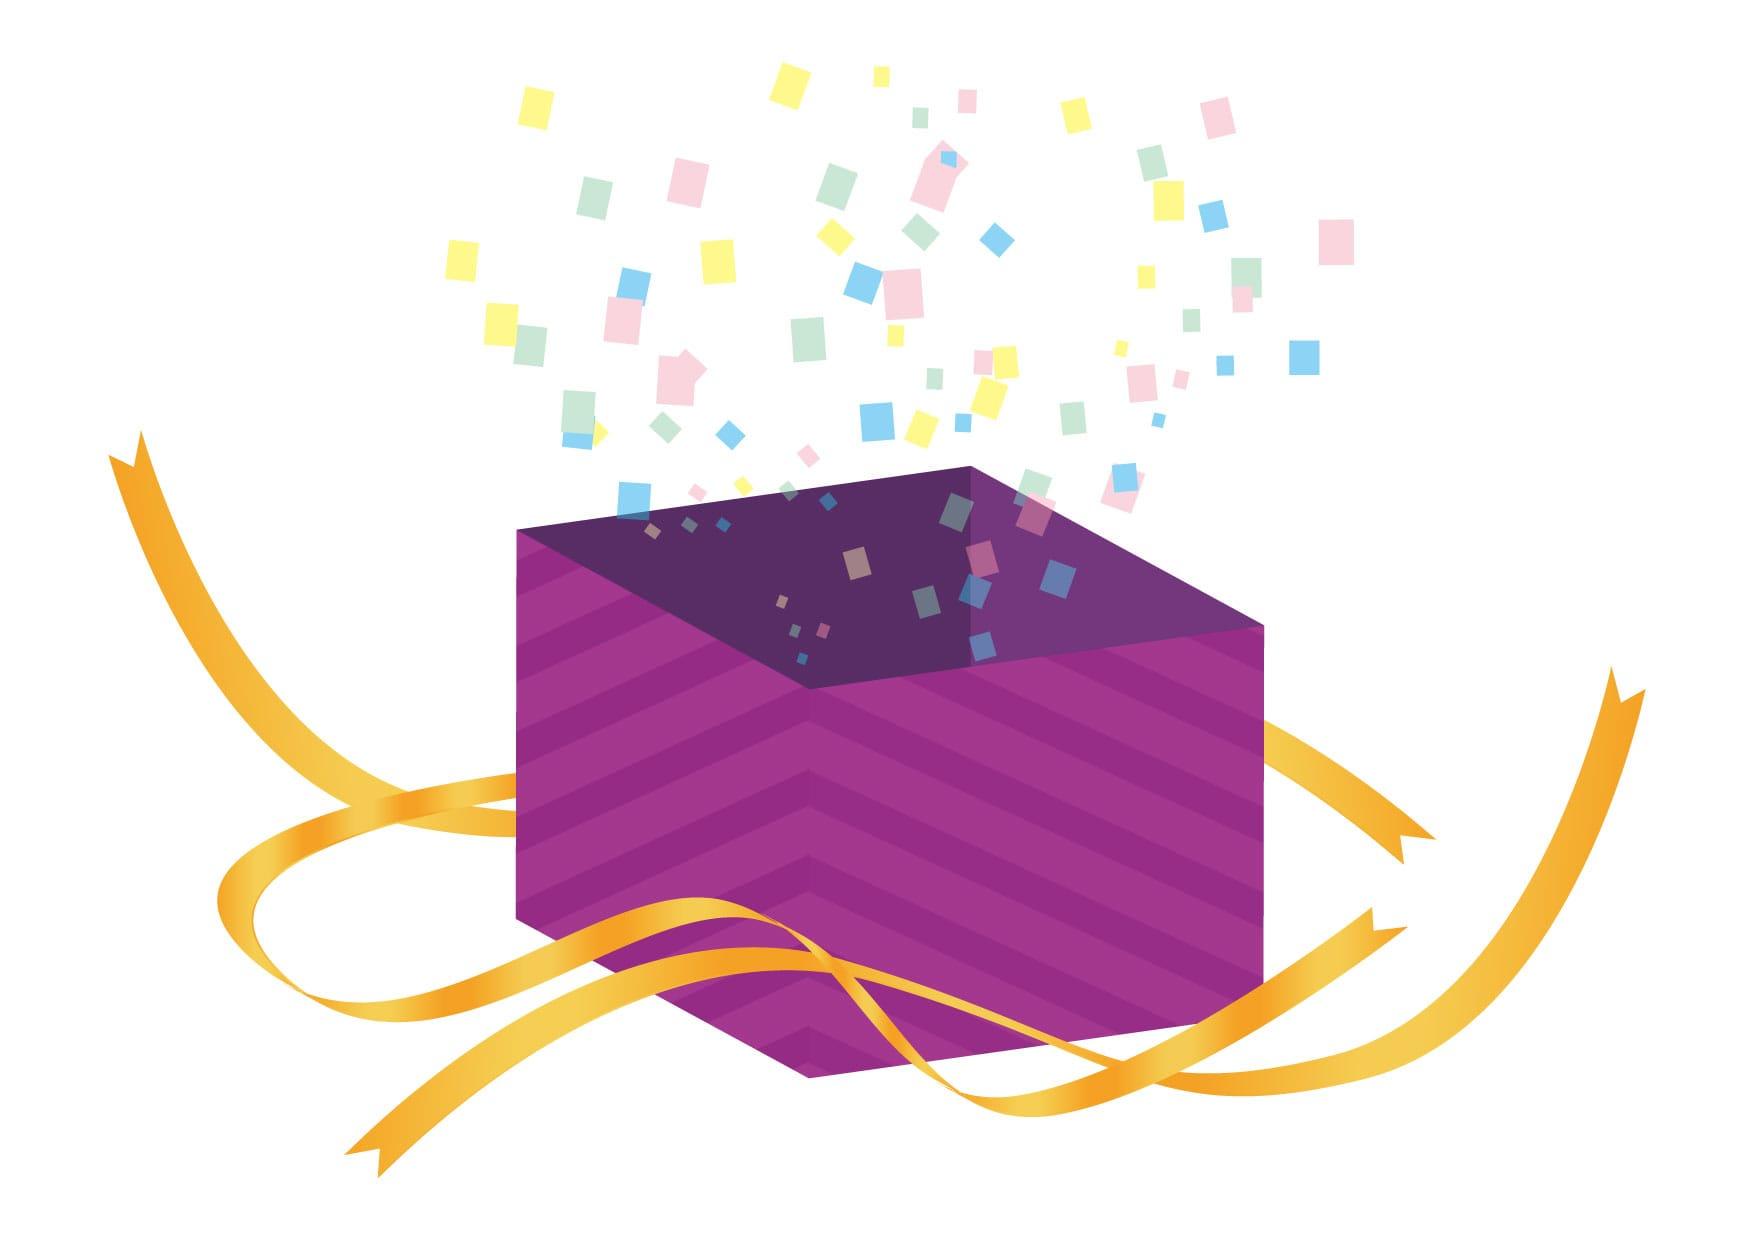 可愛いイラスト無料|サプライズ プレゼント 紫色 開く − free illustration  Surprise present purple